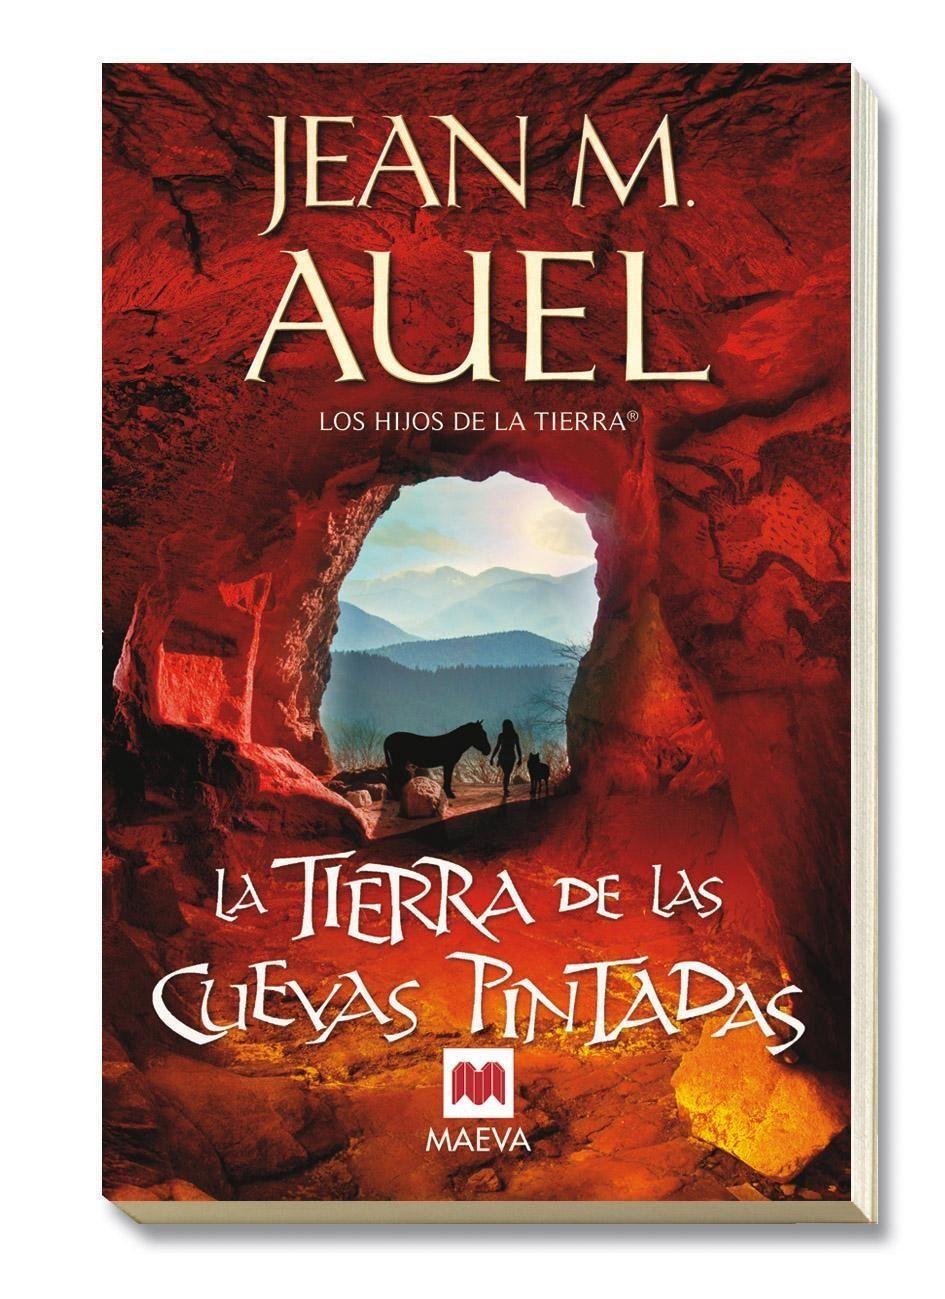 La tierra de las cuevas pintadas, de #Jean_M_Auel, de la saga, Hijos de tierra, mi última adquisición.